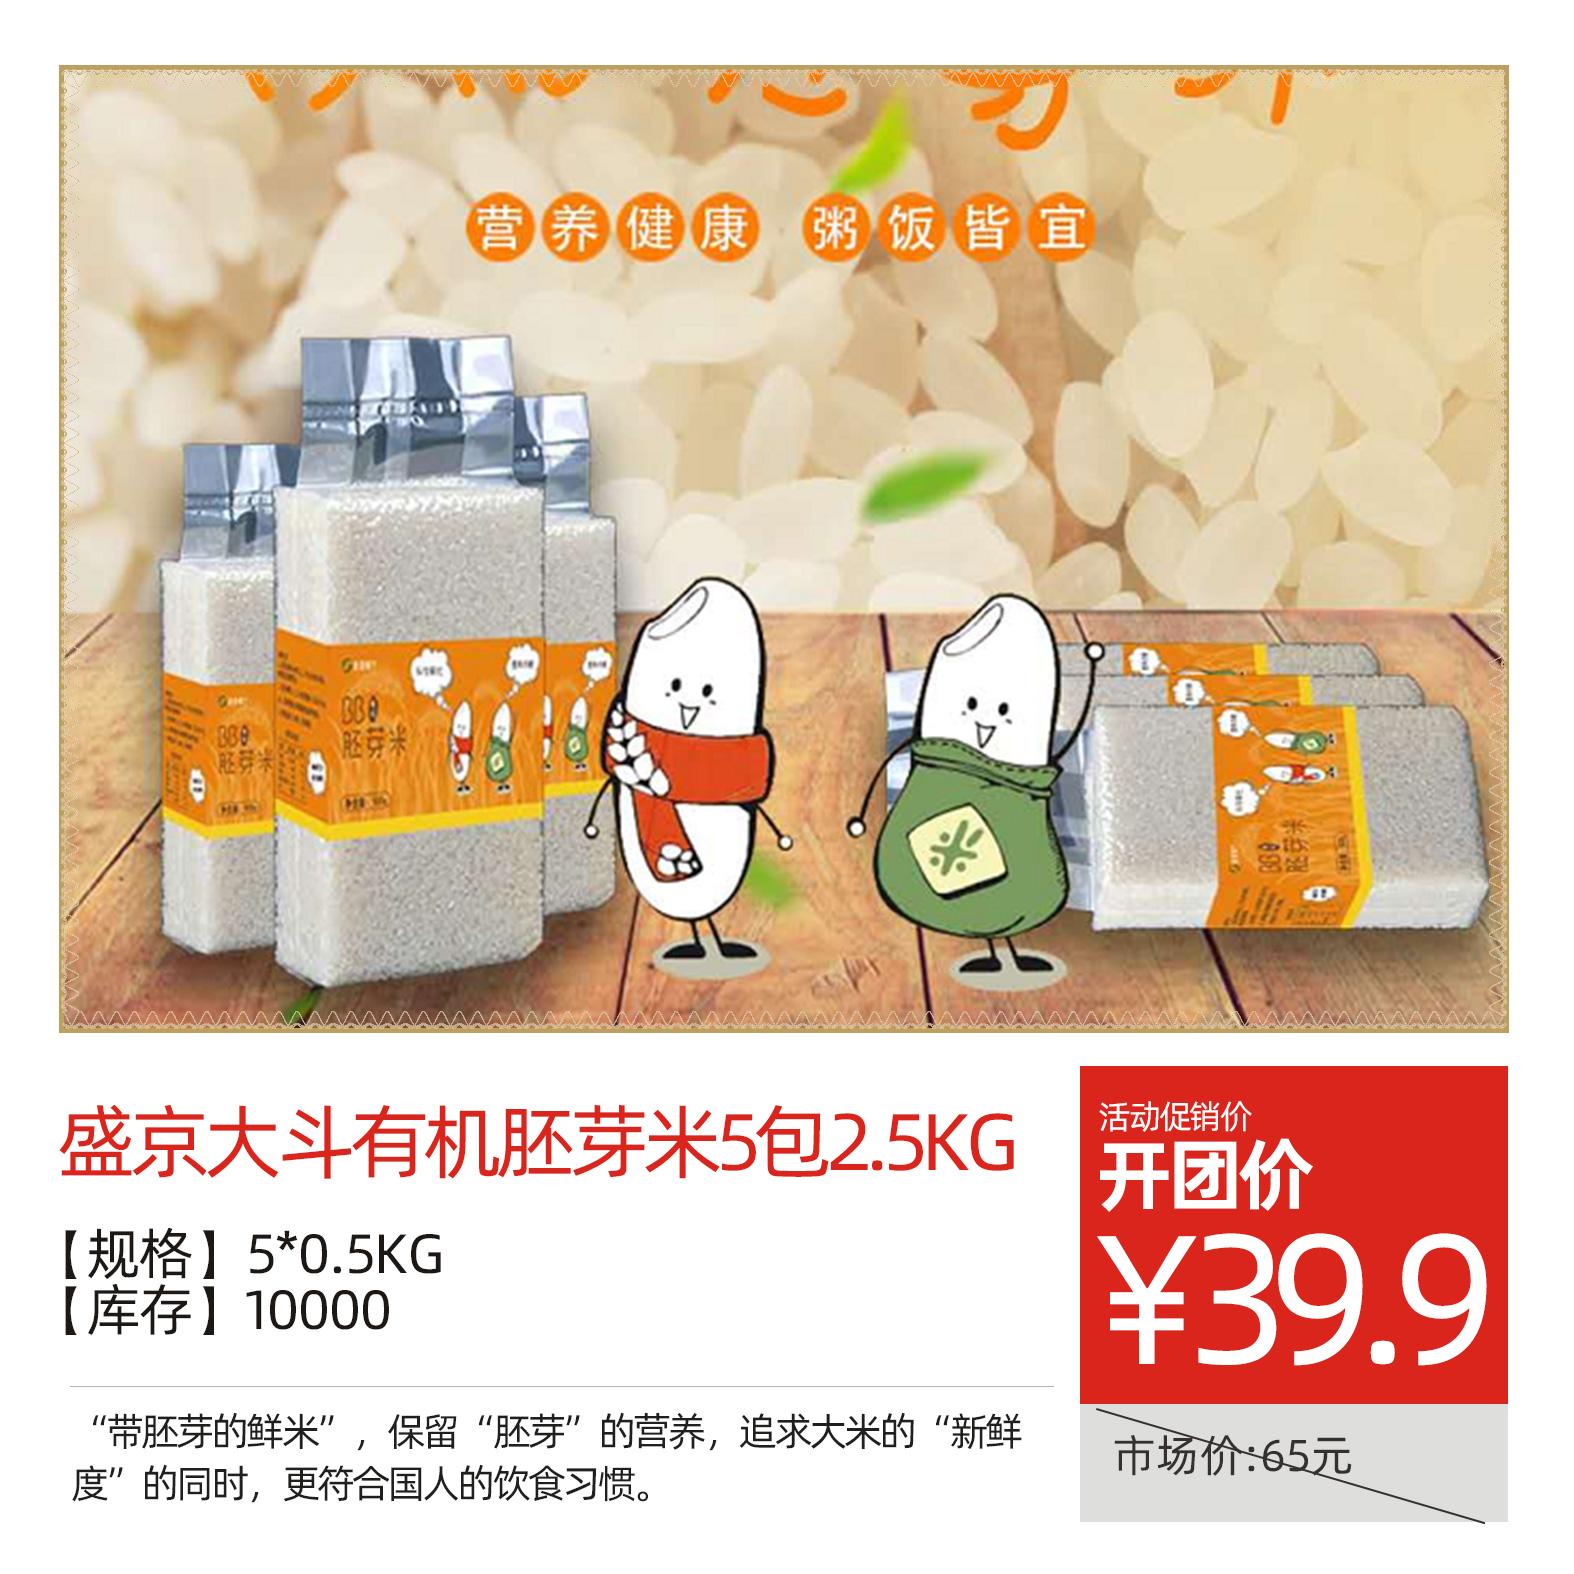 盛京大斗有机胚芽米5包2.5kg